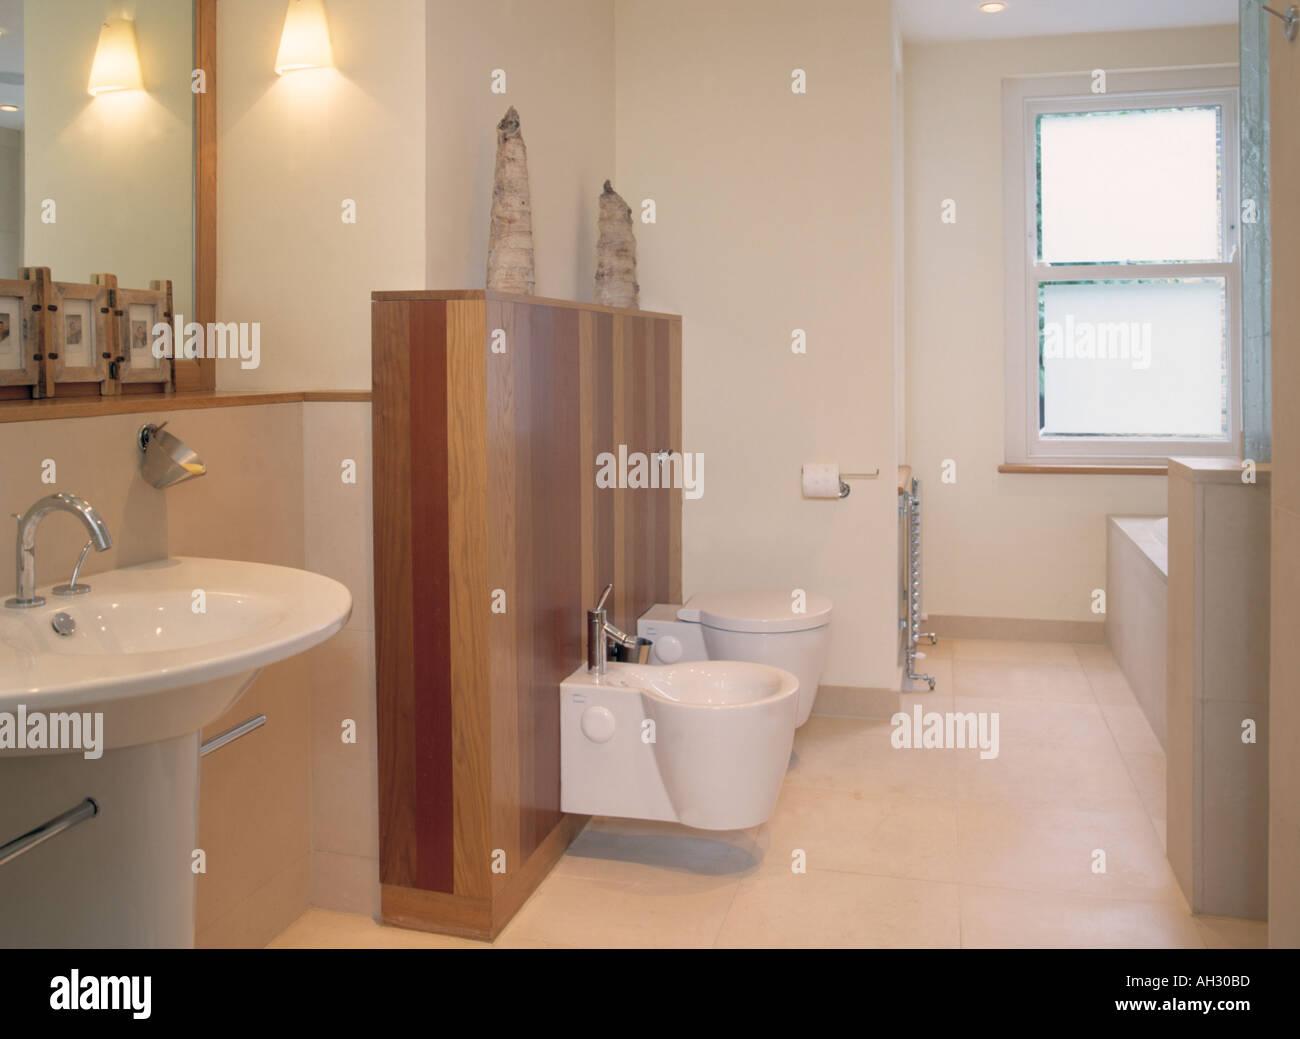 Bemerkenswert Bad Bodenbelag Dekoration Von Getäfelte Wand Mit Eingebauten Bidet Und Wc